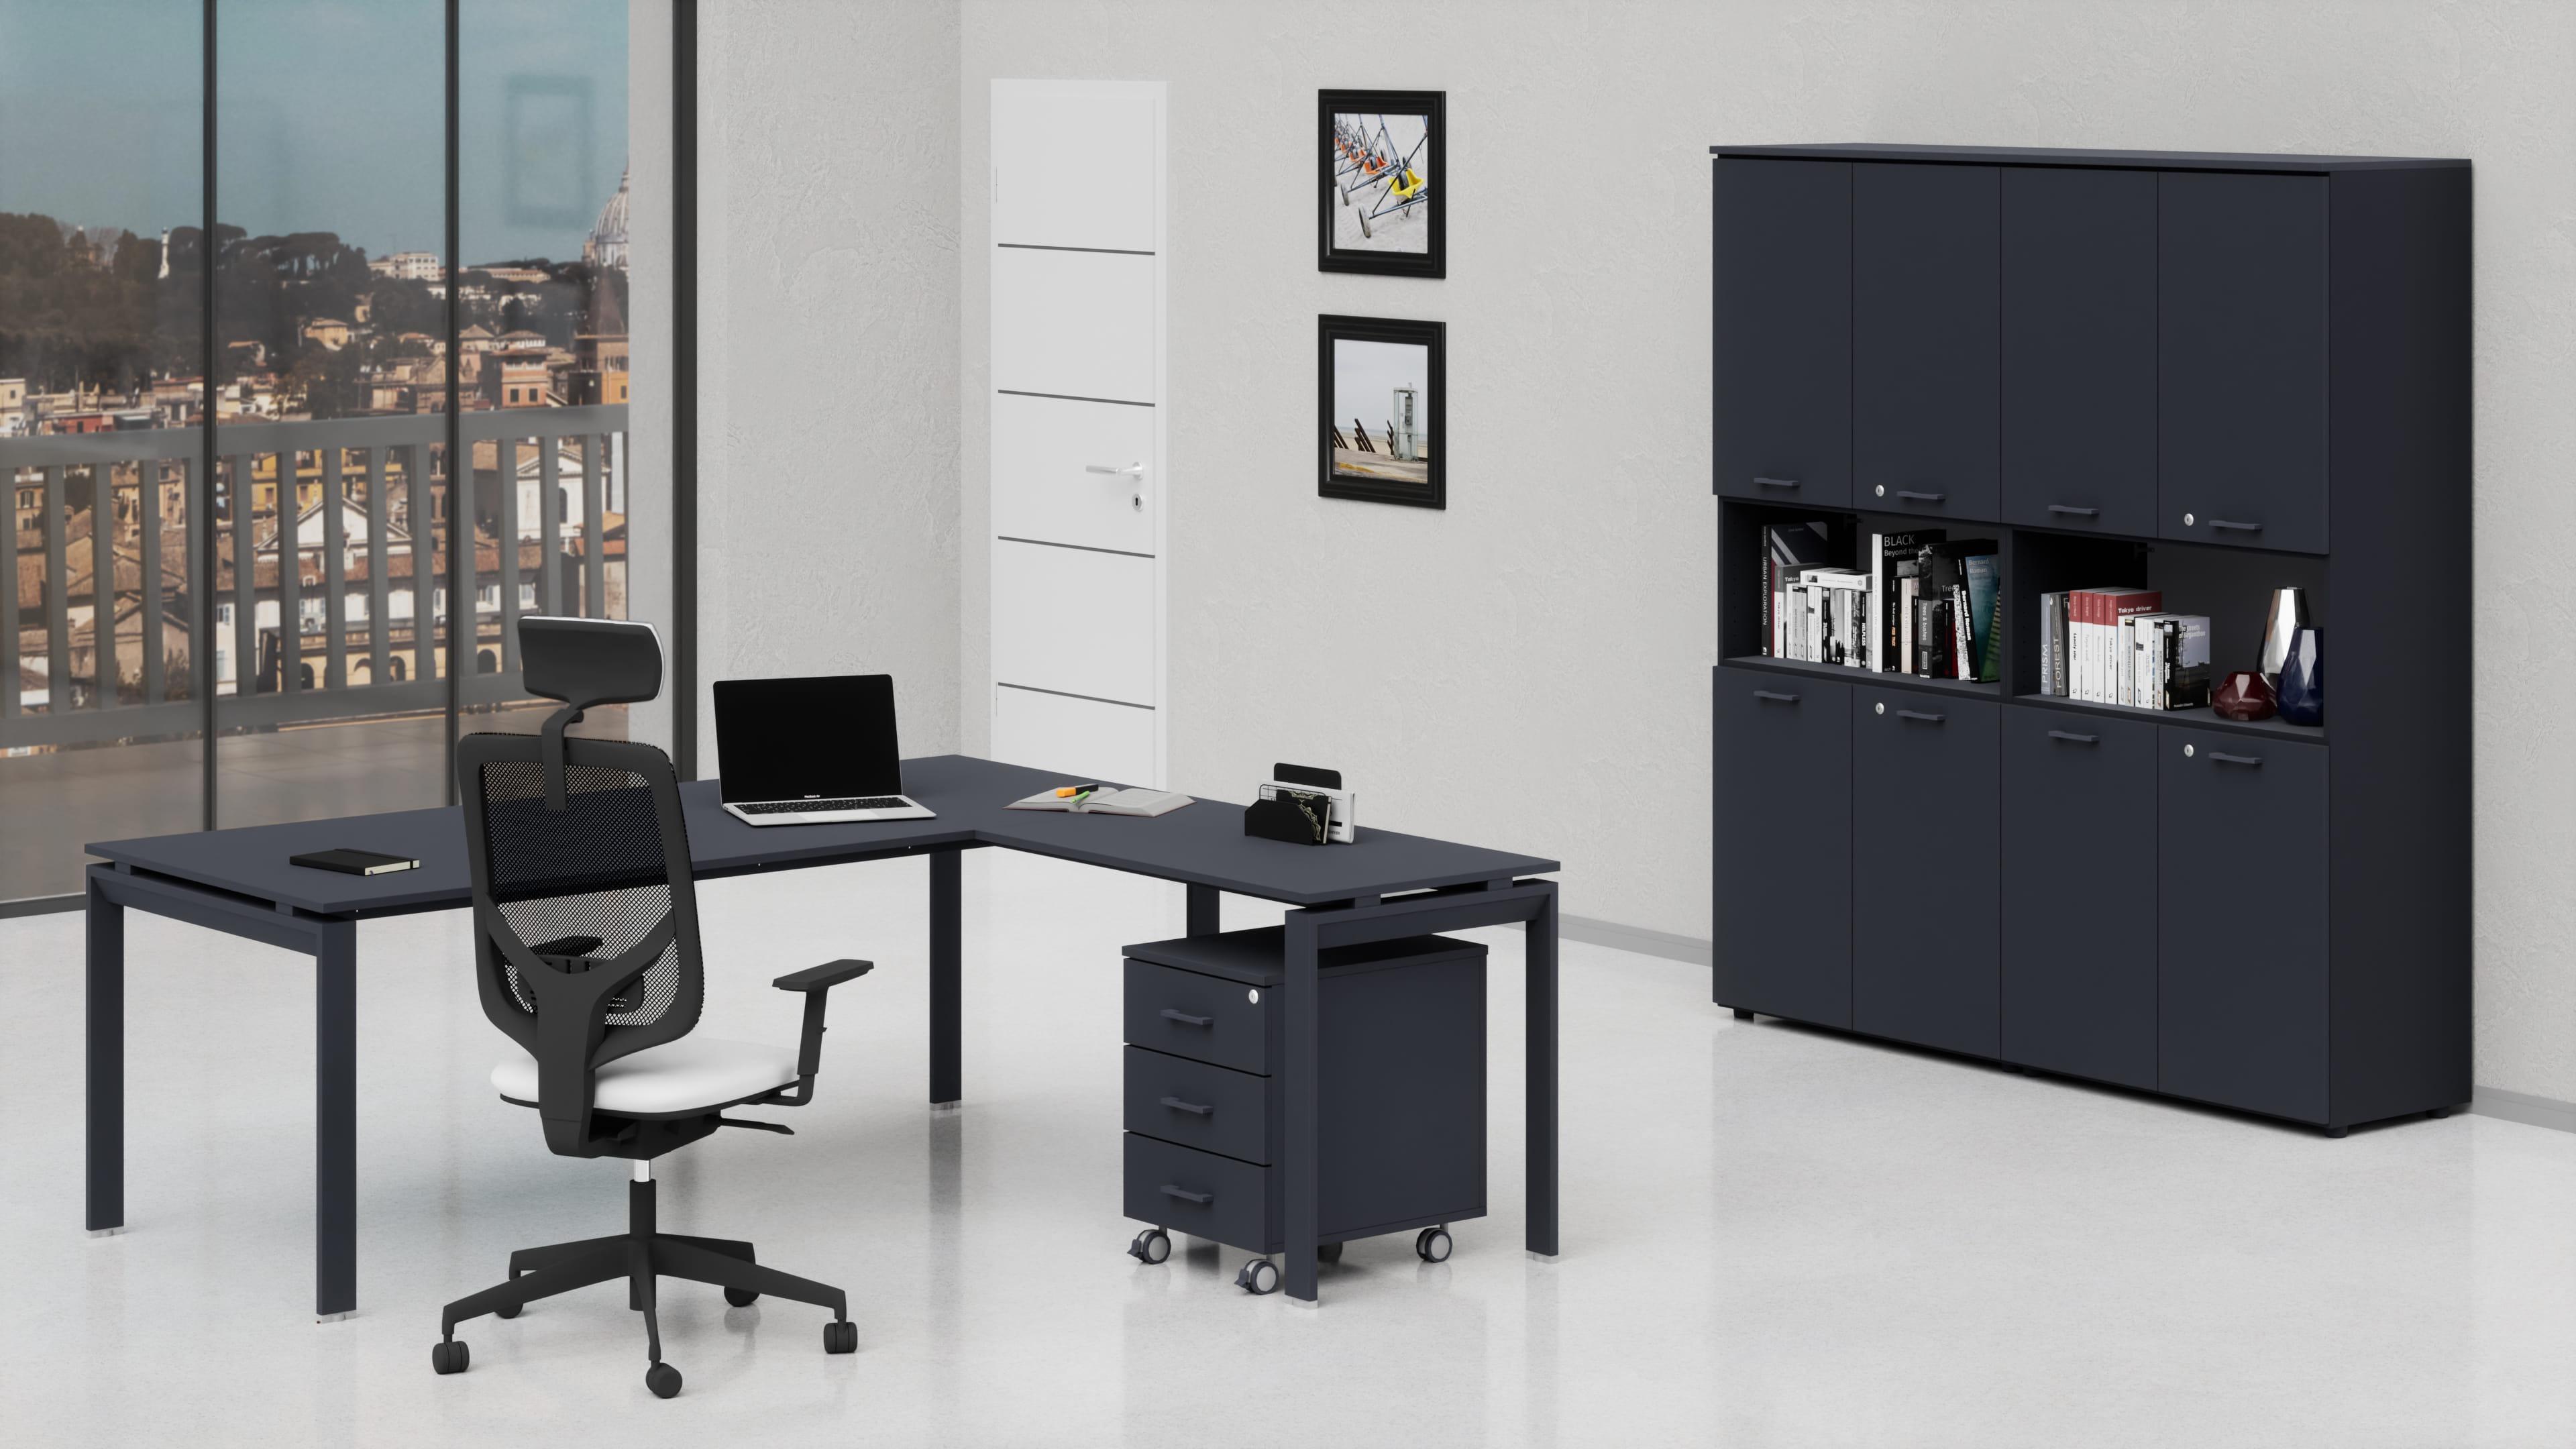 Scrivania uffici direzionali con allungo laterale e modesty panel